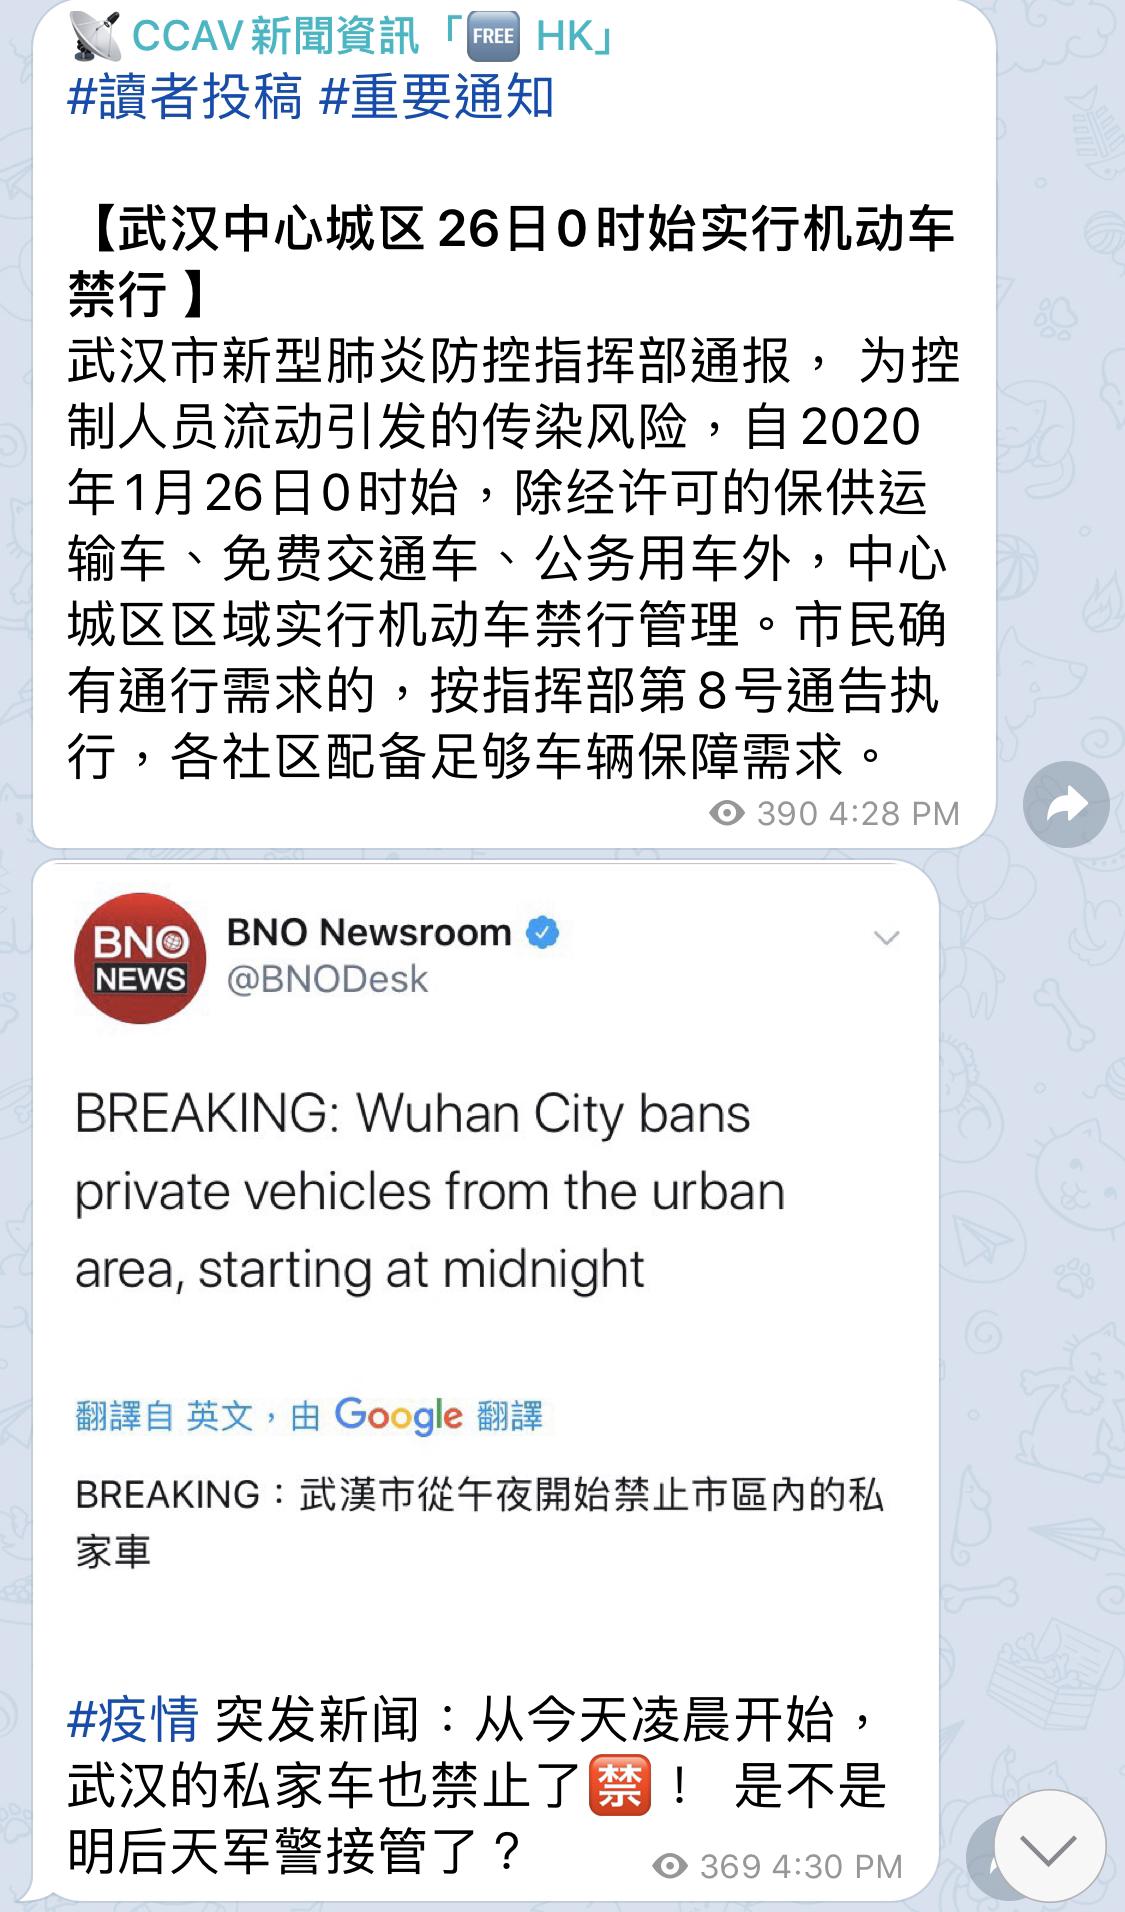 https://na.cx/i/GwibaCm.png